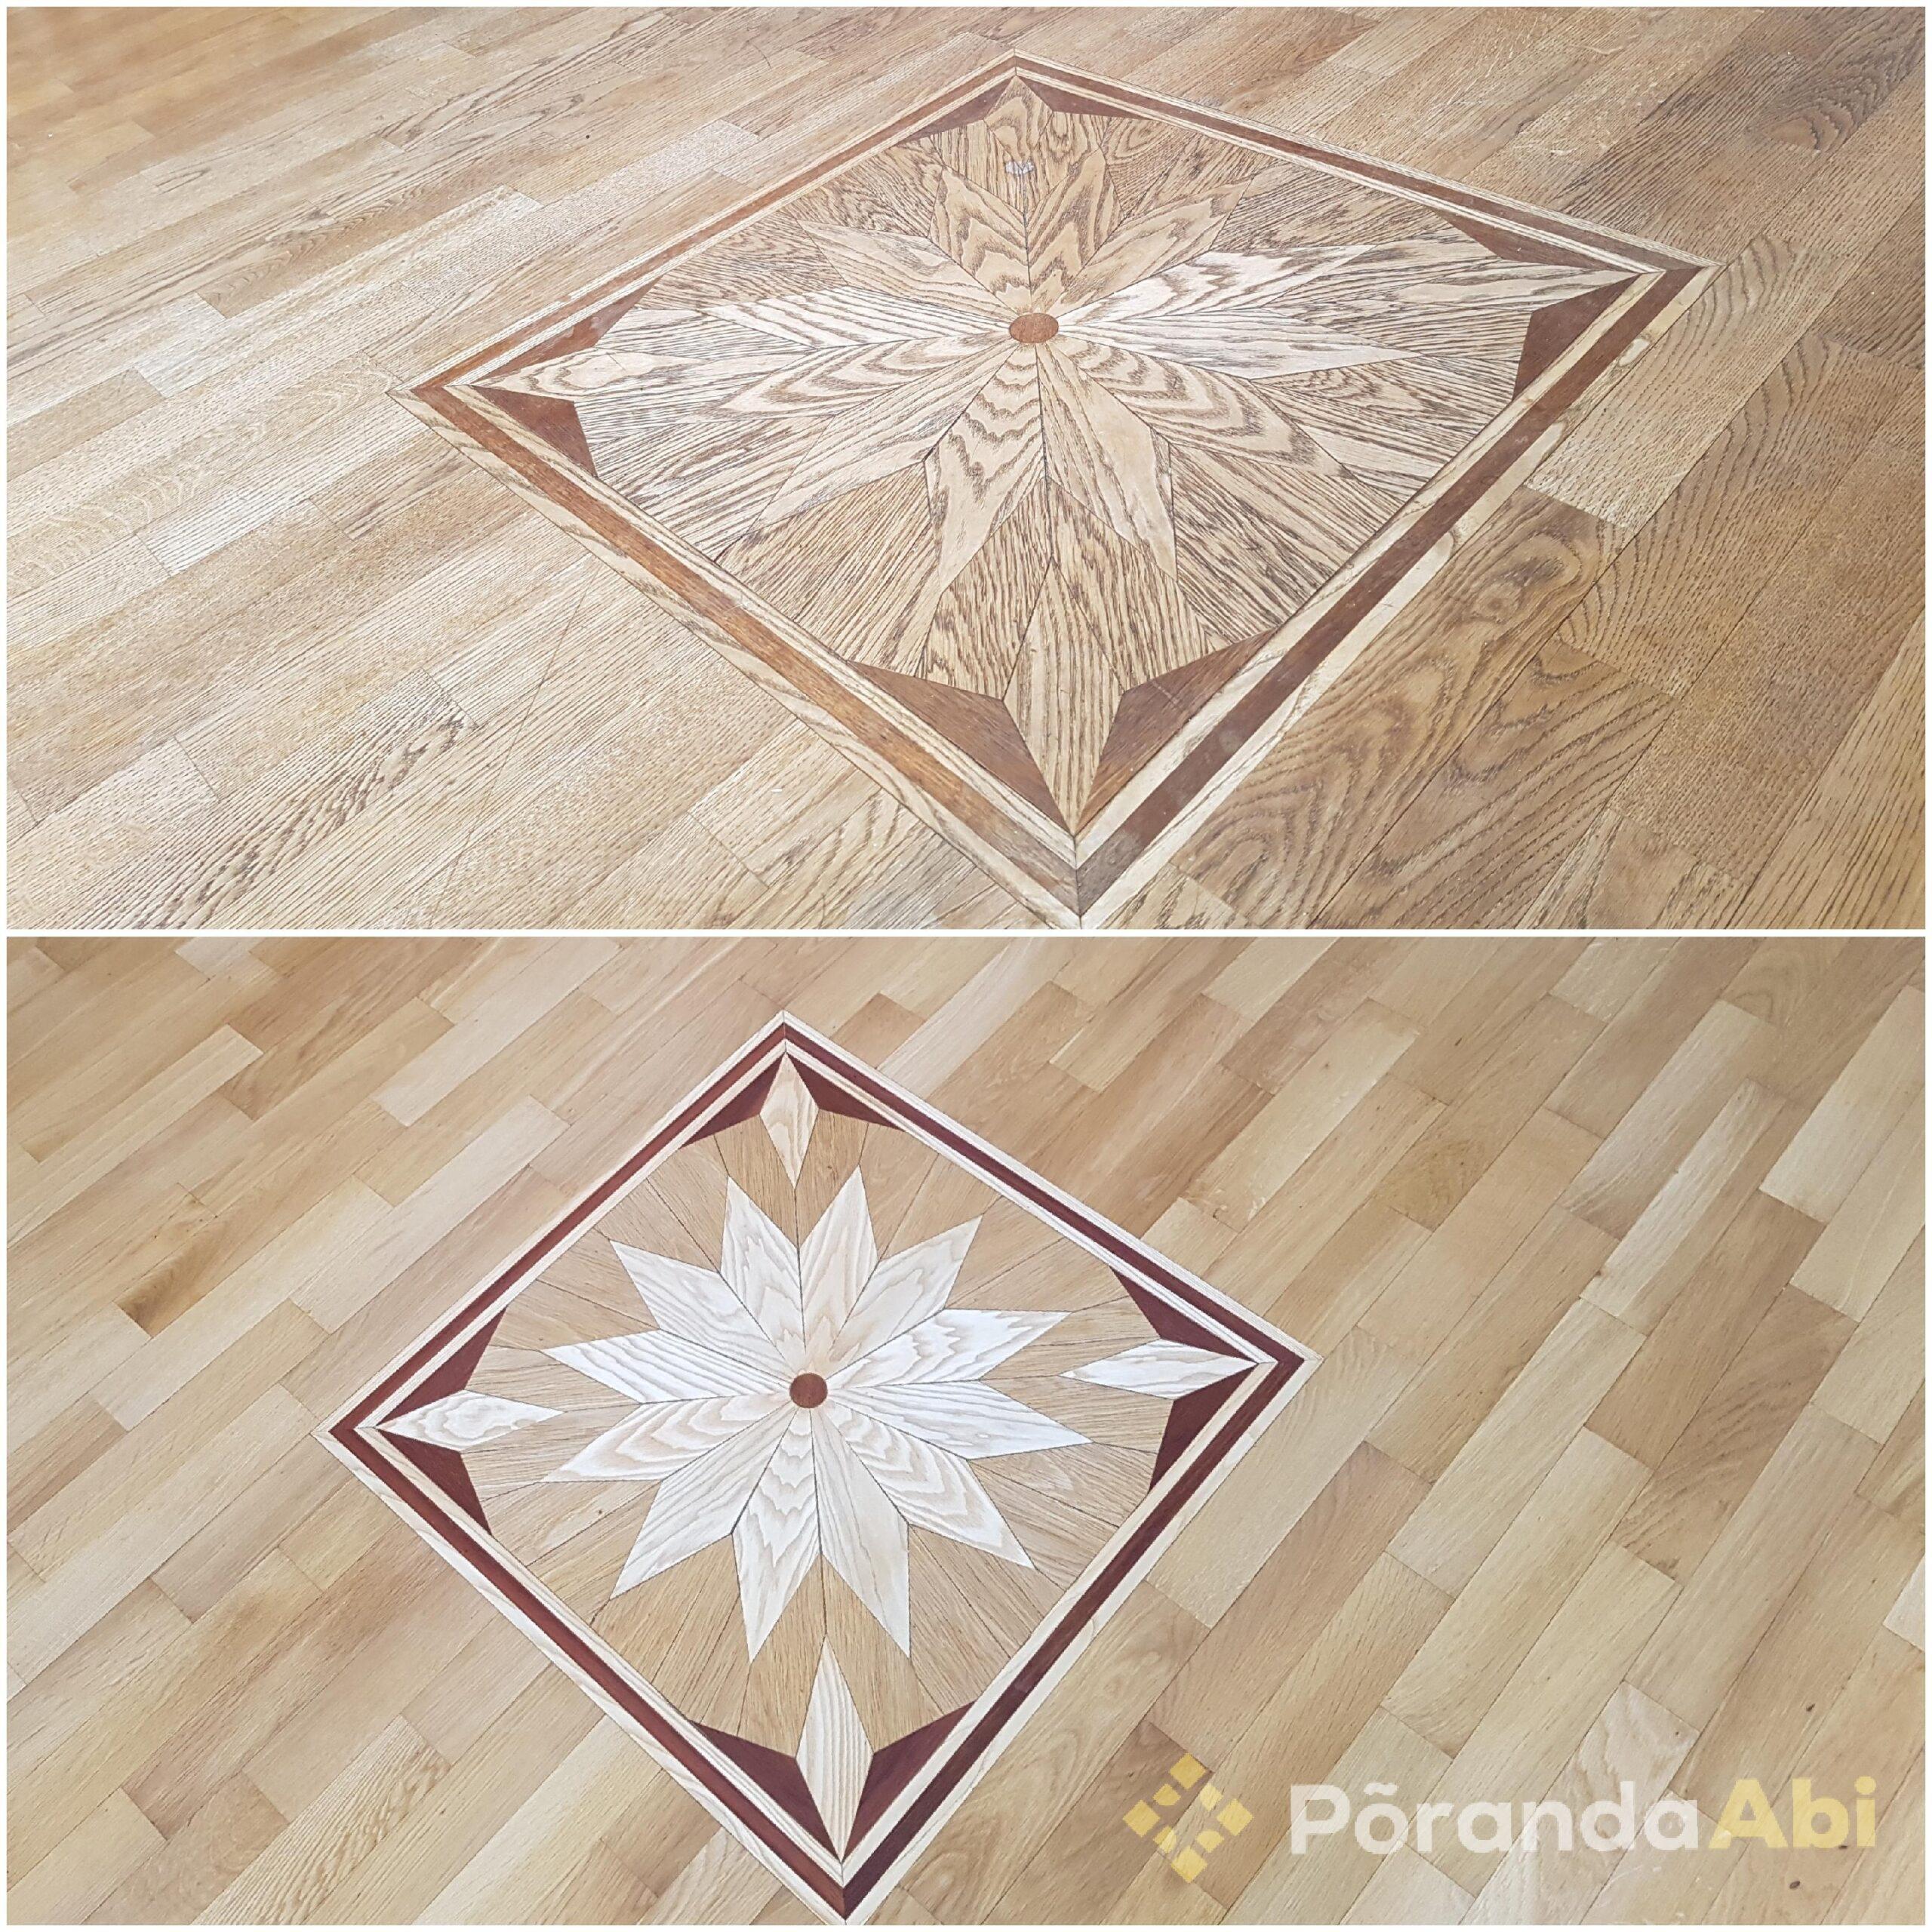 Põrandate lakkimine ja õlitamine